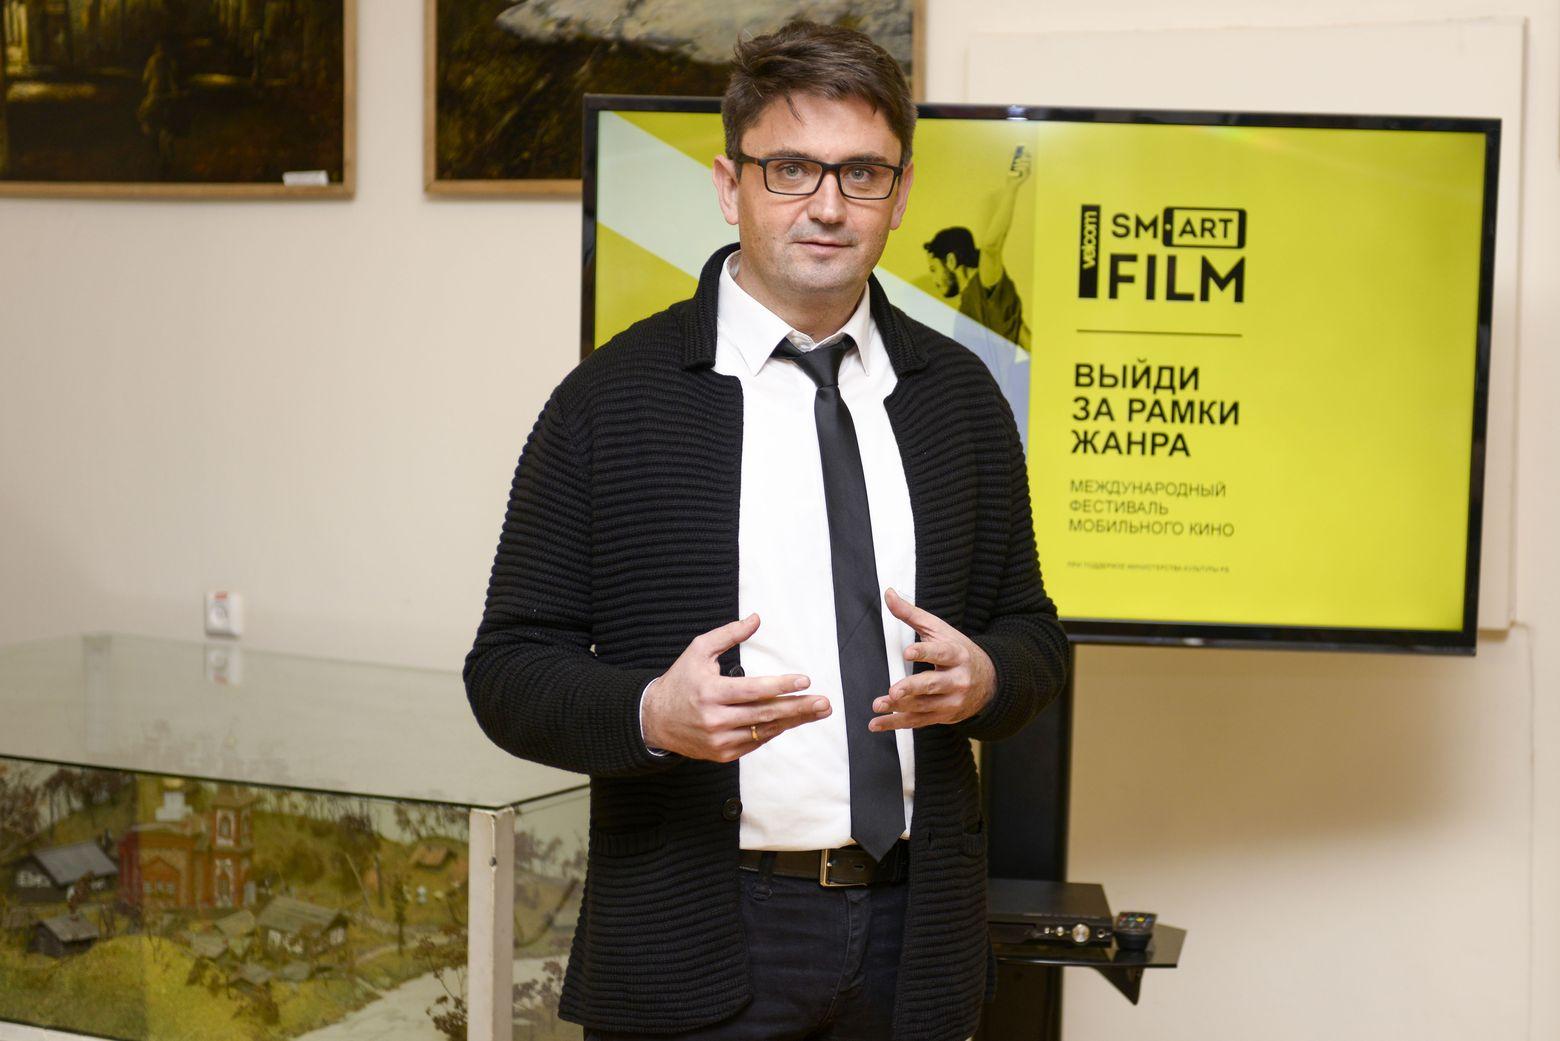 начальник отдела корпоративных коммуникаций velcom Вячеслав Смирнов